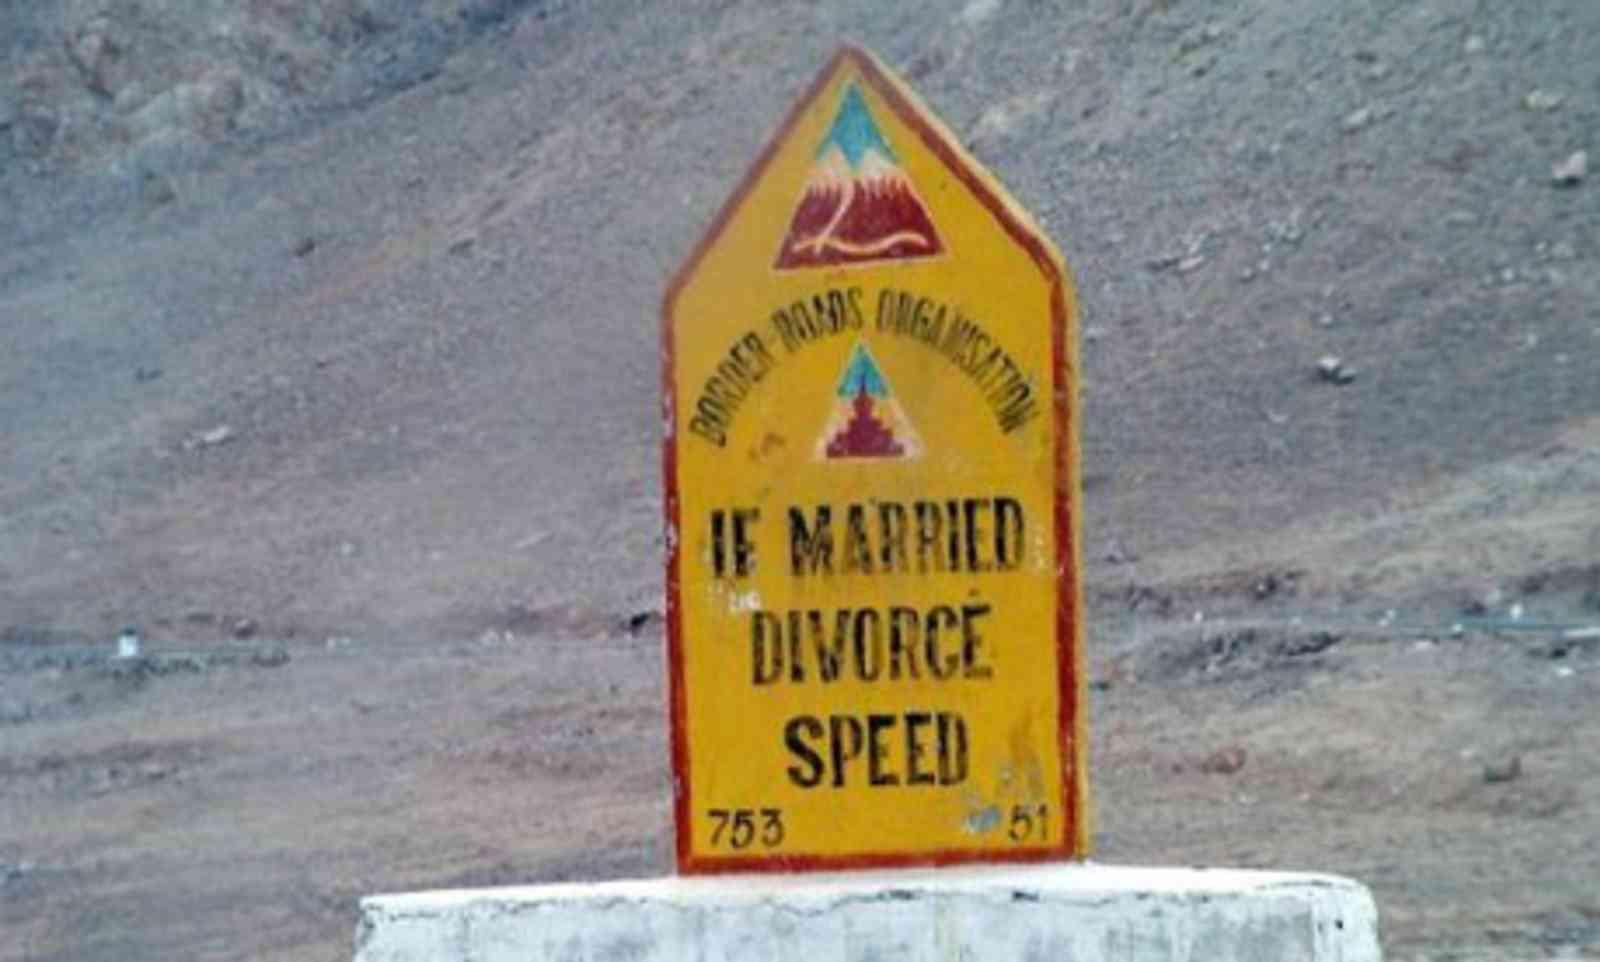 Divorce speed